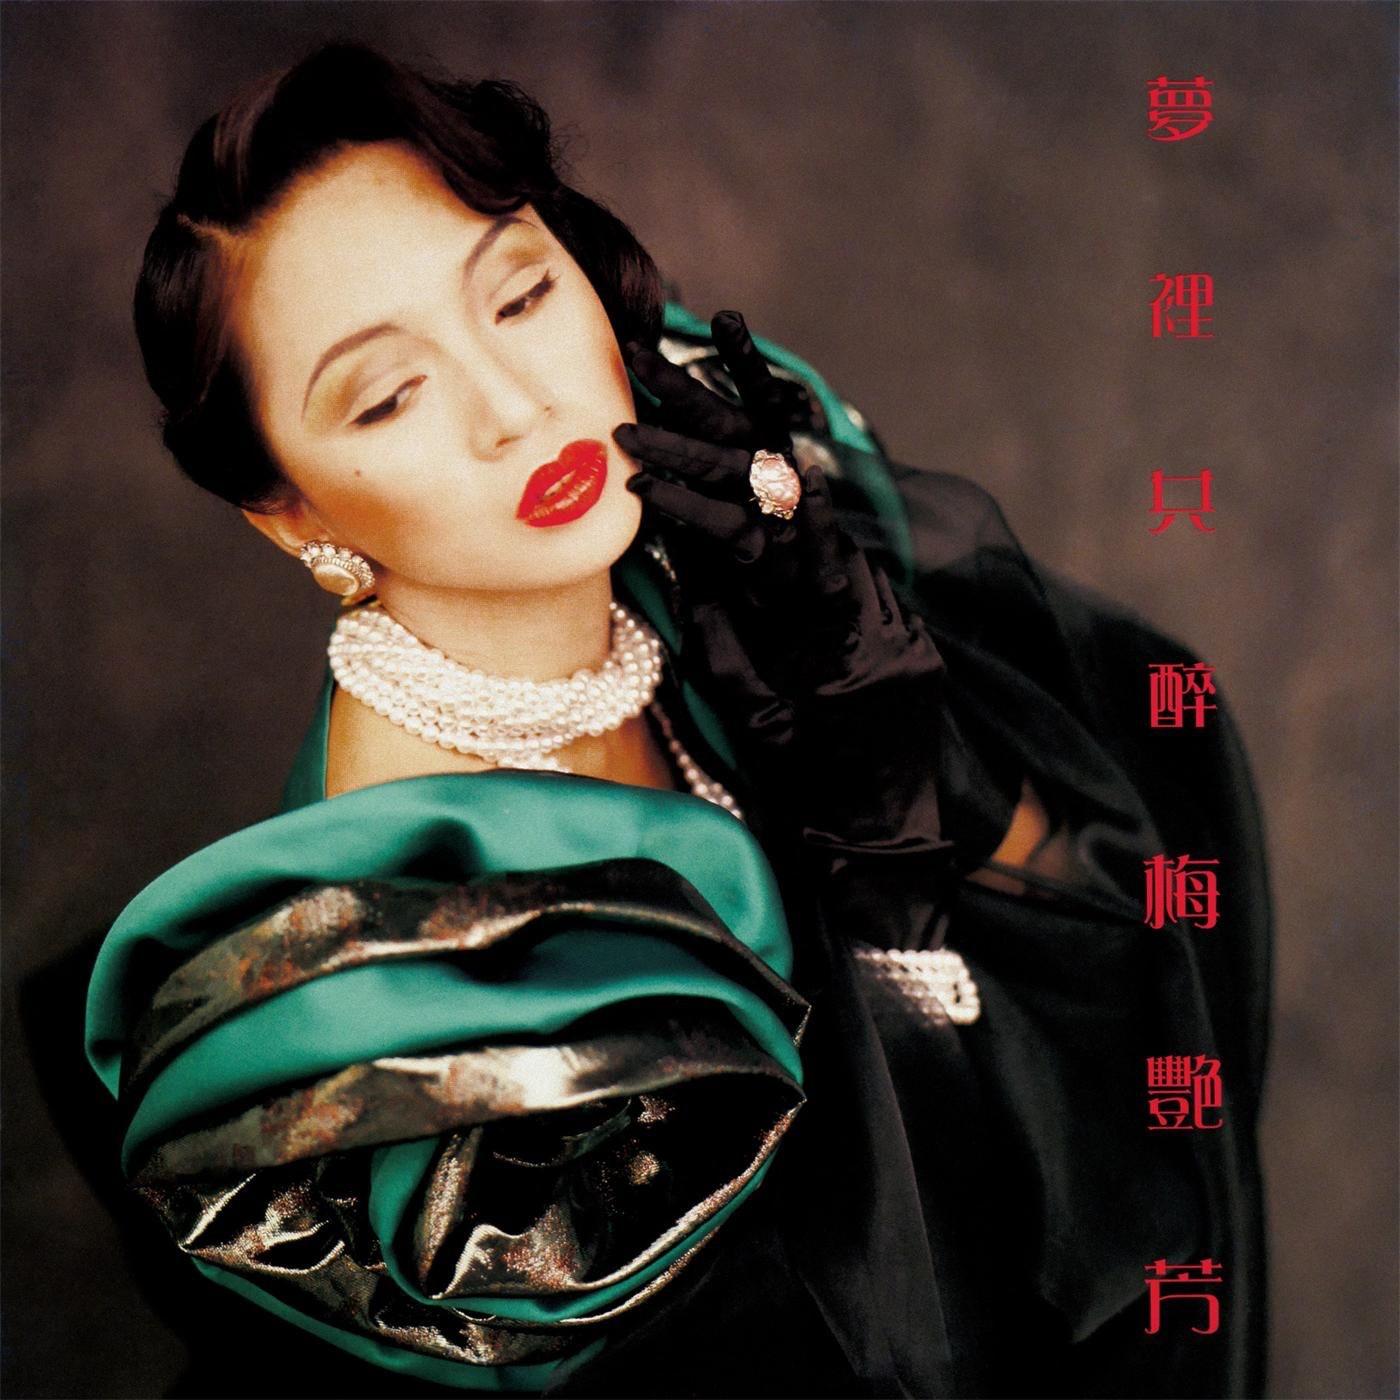 Lai Lai Lai Mp3 Song Joker Edition: Anita Mui Songs Download Free